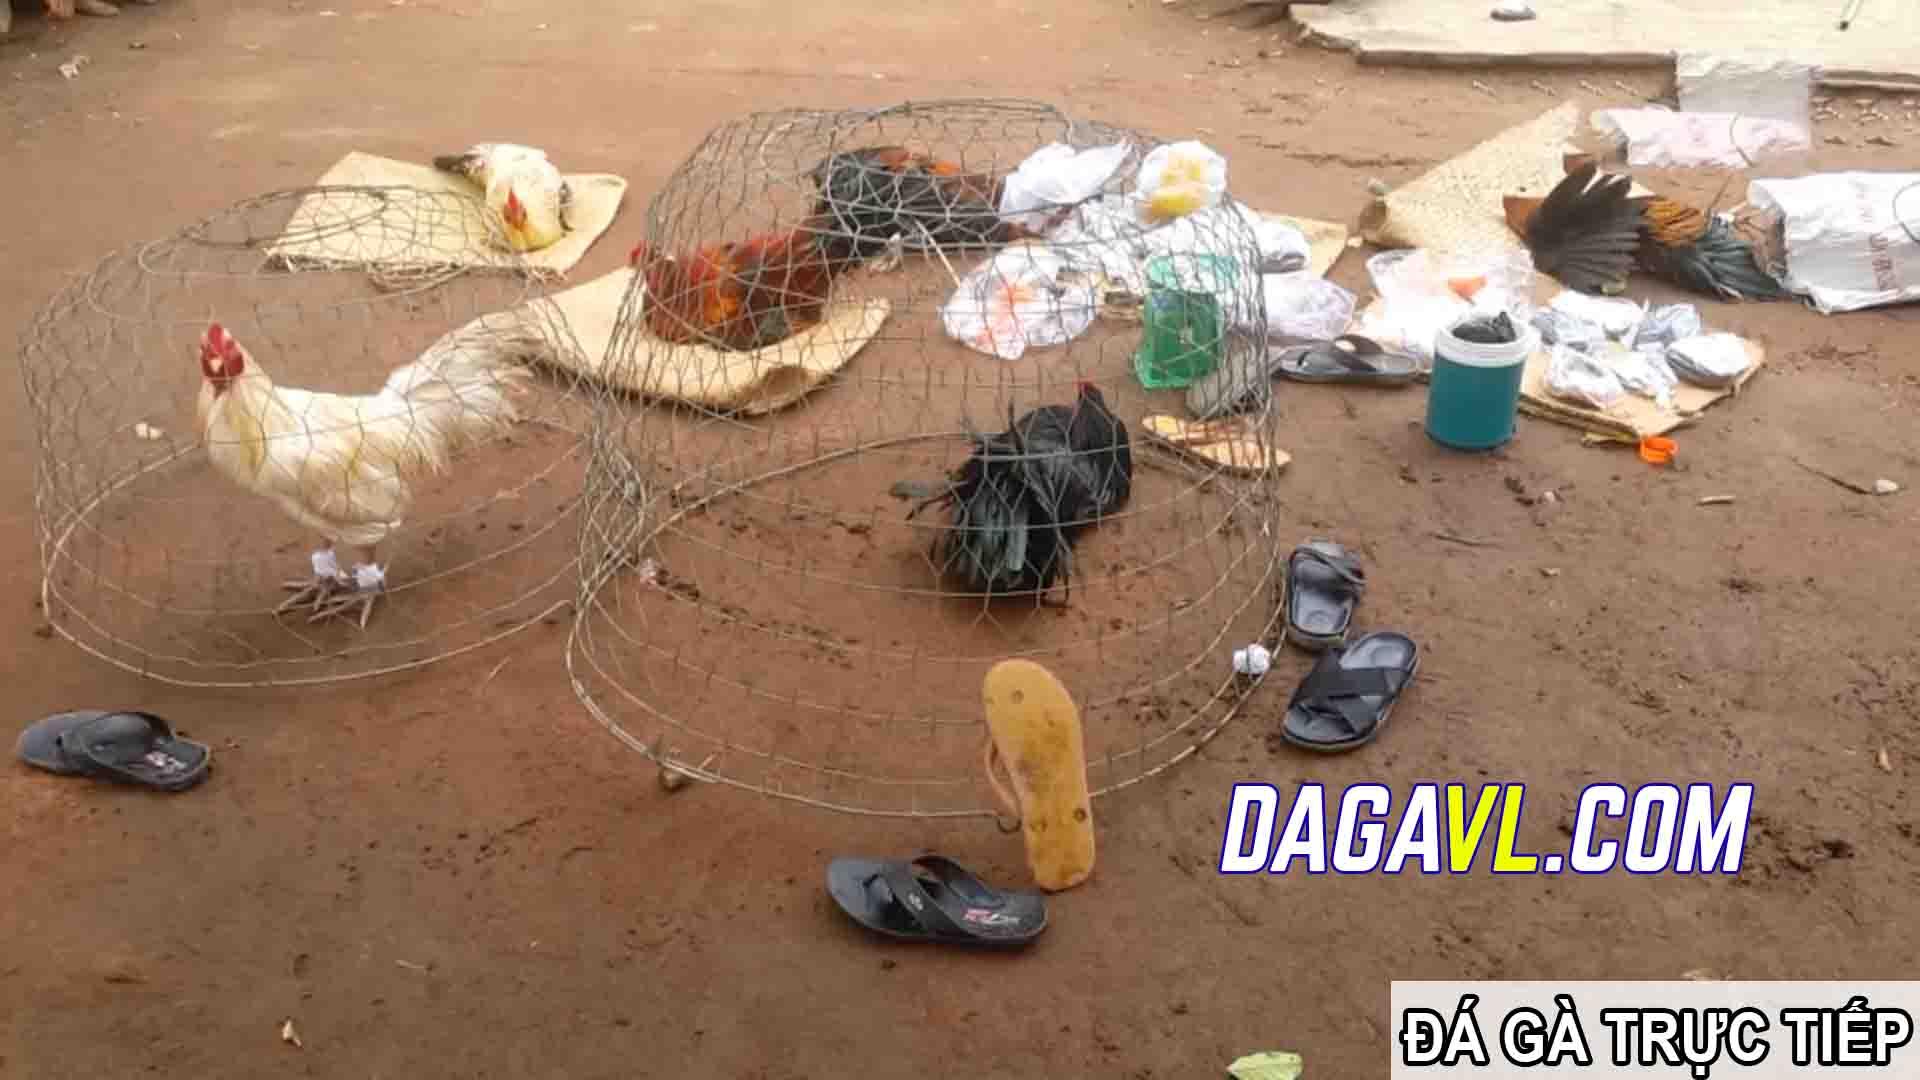 DAGAVL.COM - đá gà trực tiếp. Tang vật bắt 27 đối tượng đá gà ăn tiền tại Vị Thanh